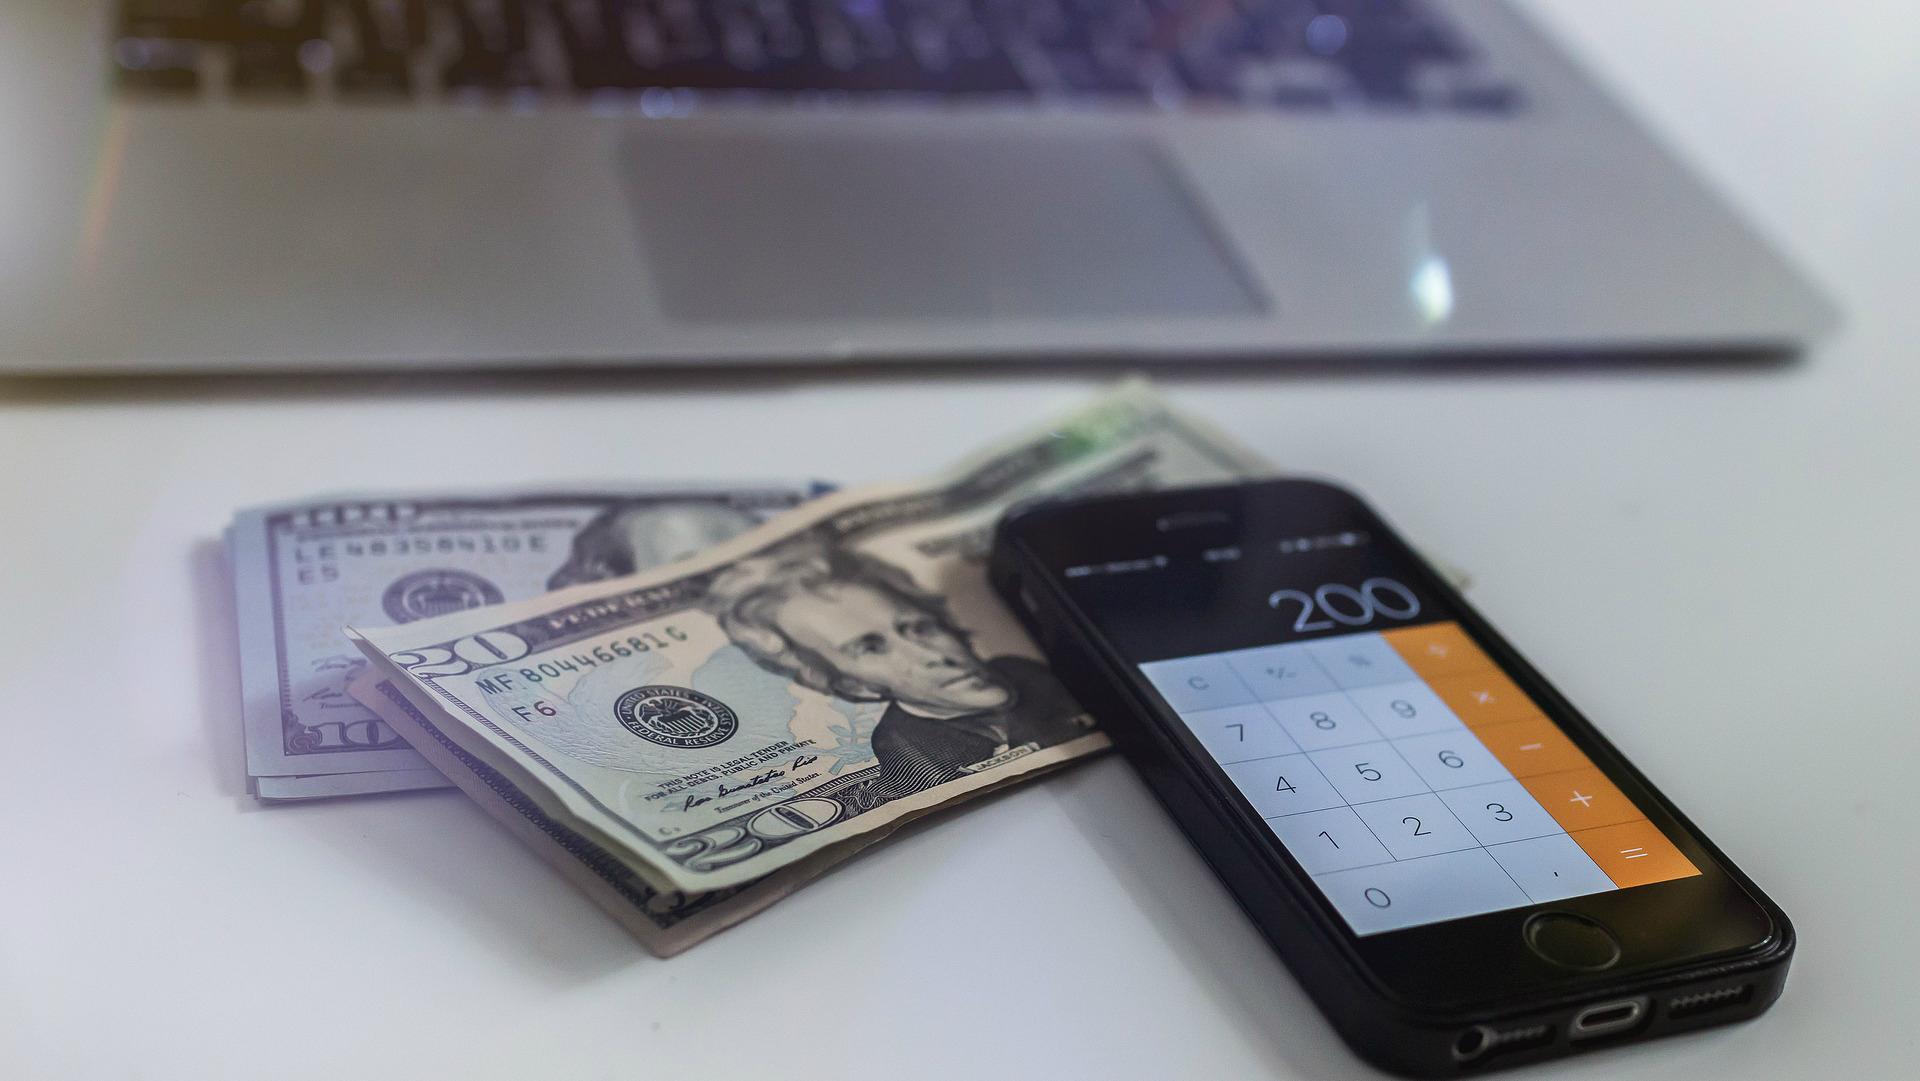 vienkārši veidi, kā nopelnīt naudu tiešsaistē, izmantojot mobilo tālruni